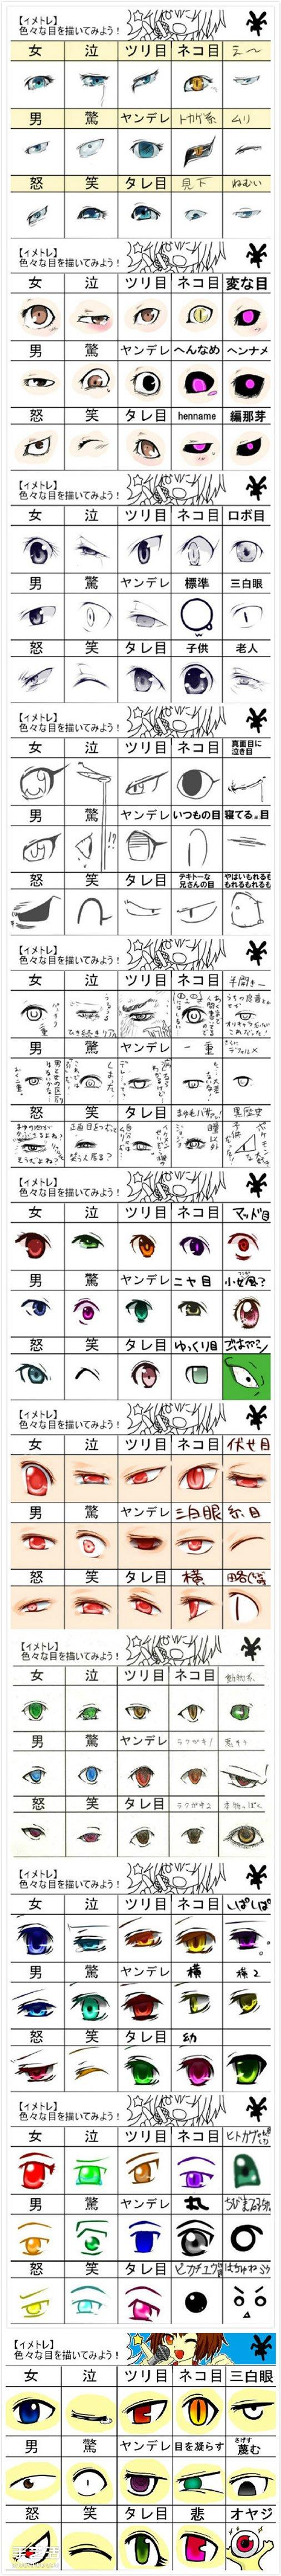 史上最全动漫眼睛画法 卡通眼睛的图片大全 -  www.shouyihuo.com